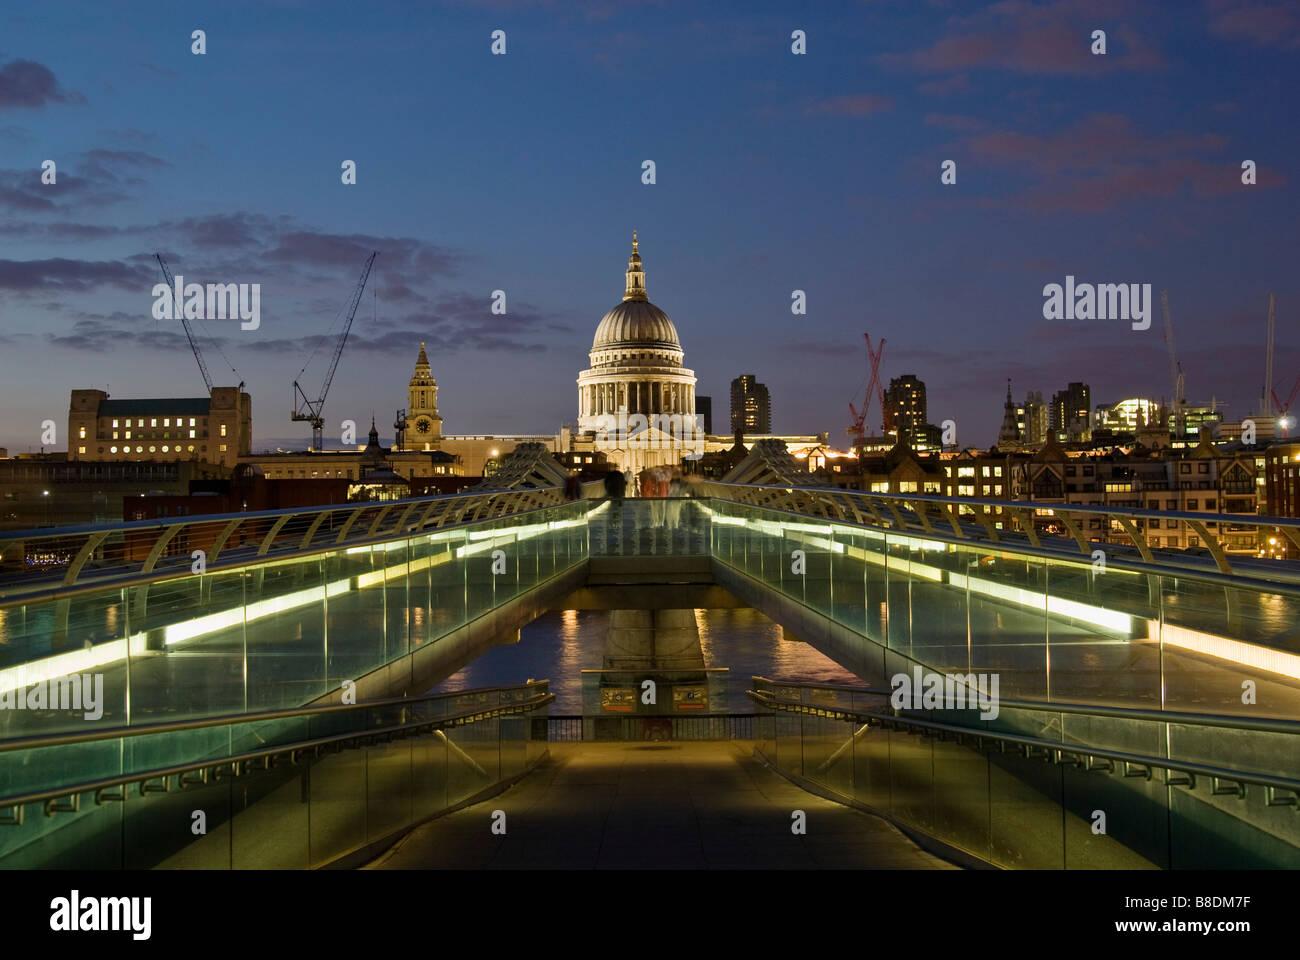 Millennium bridge london - Stock Image